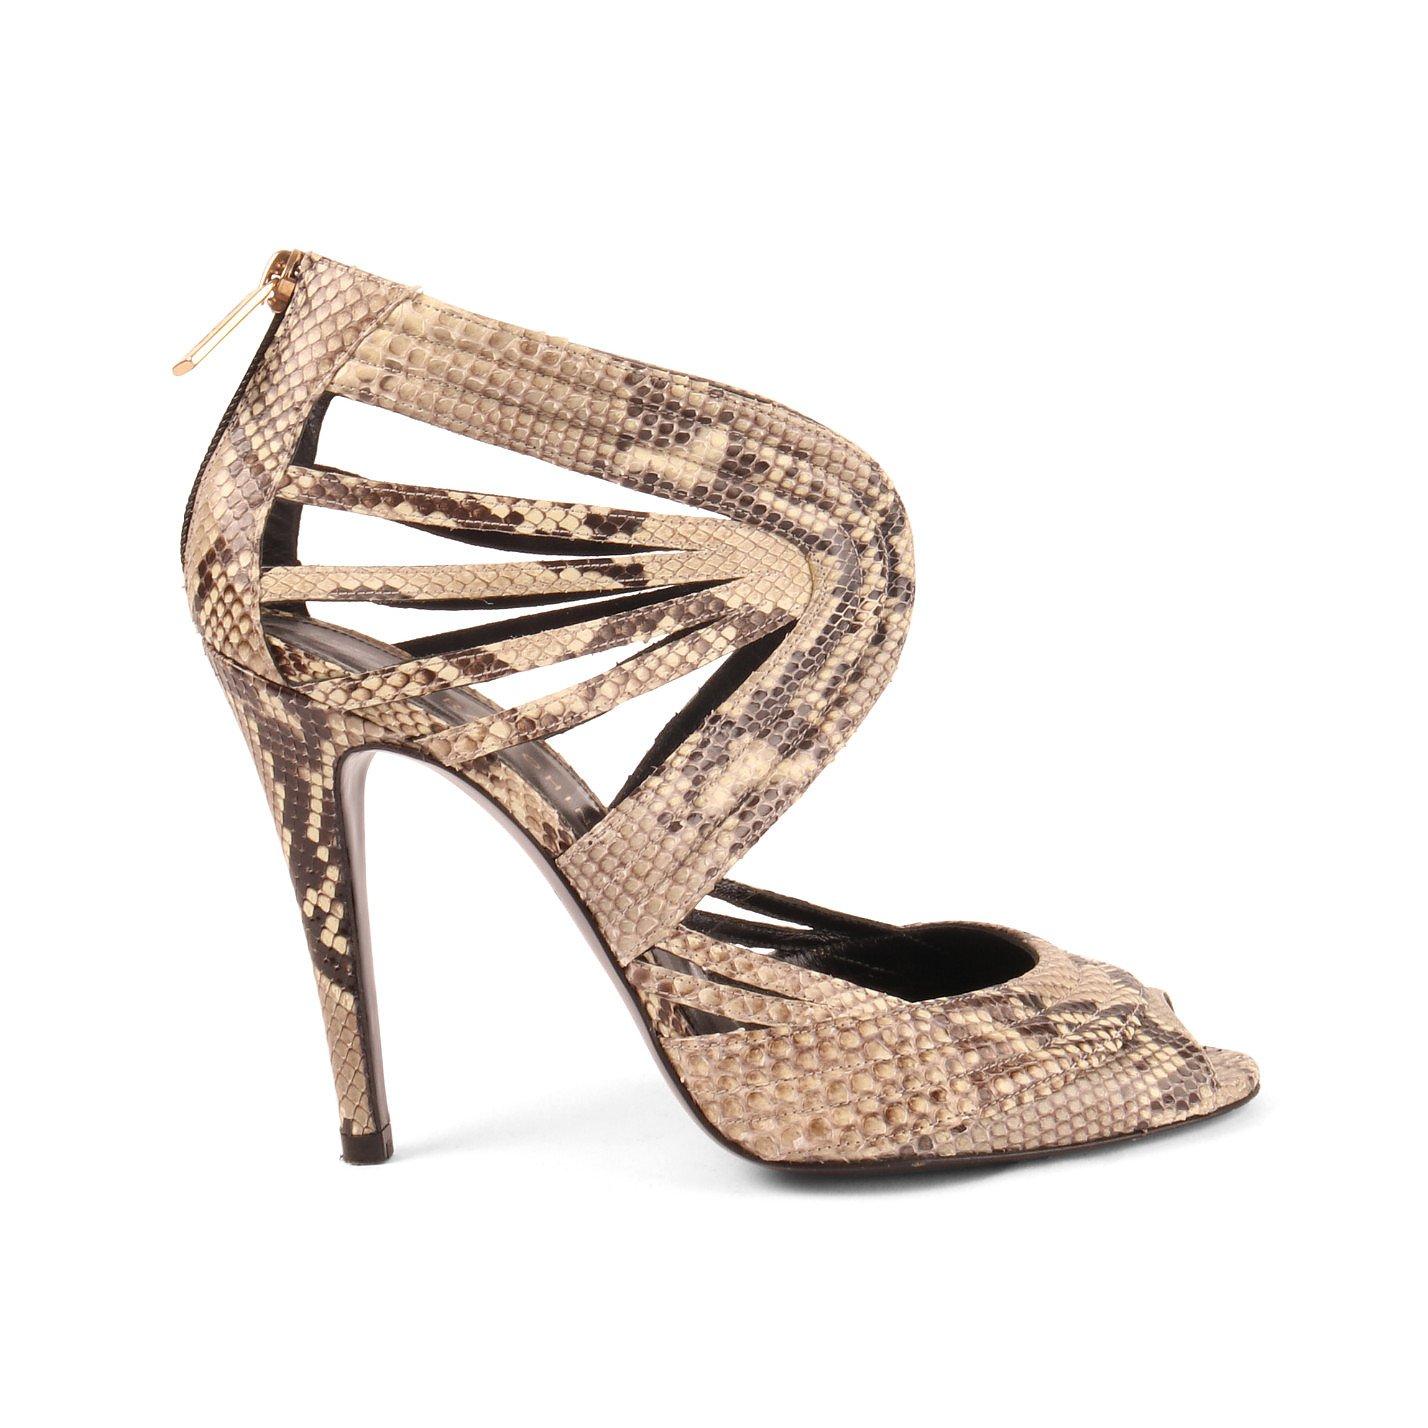 Lara Bohinc Snakeskin Sandals